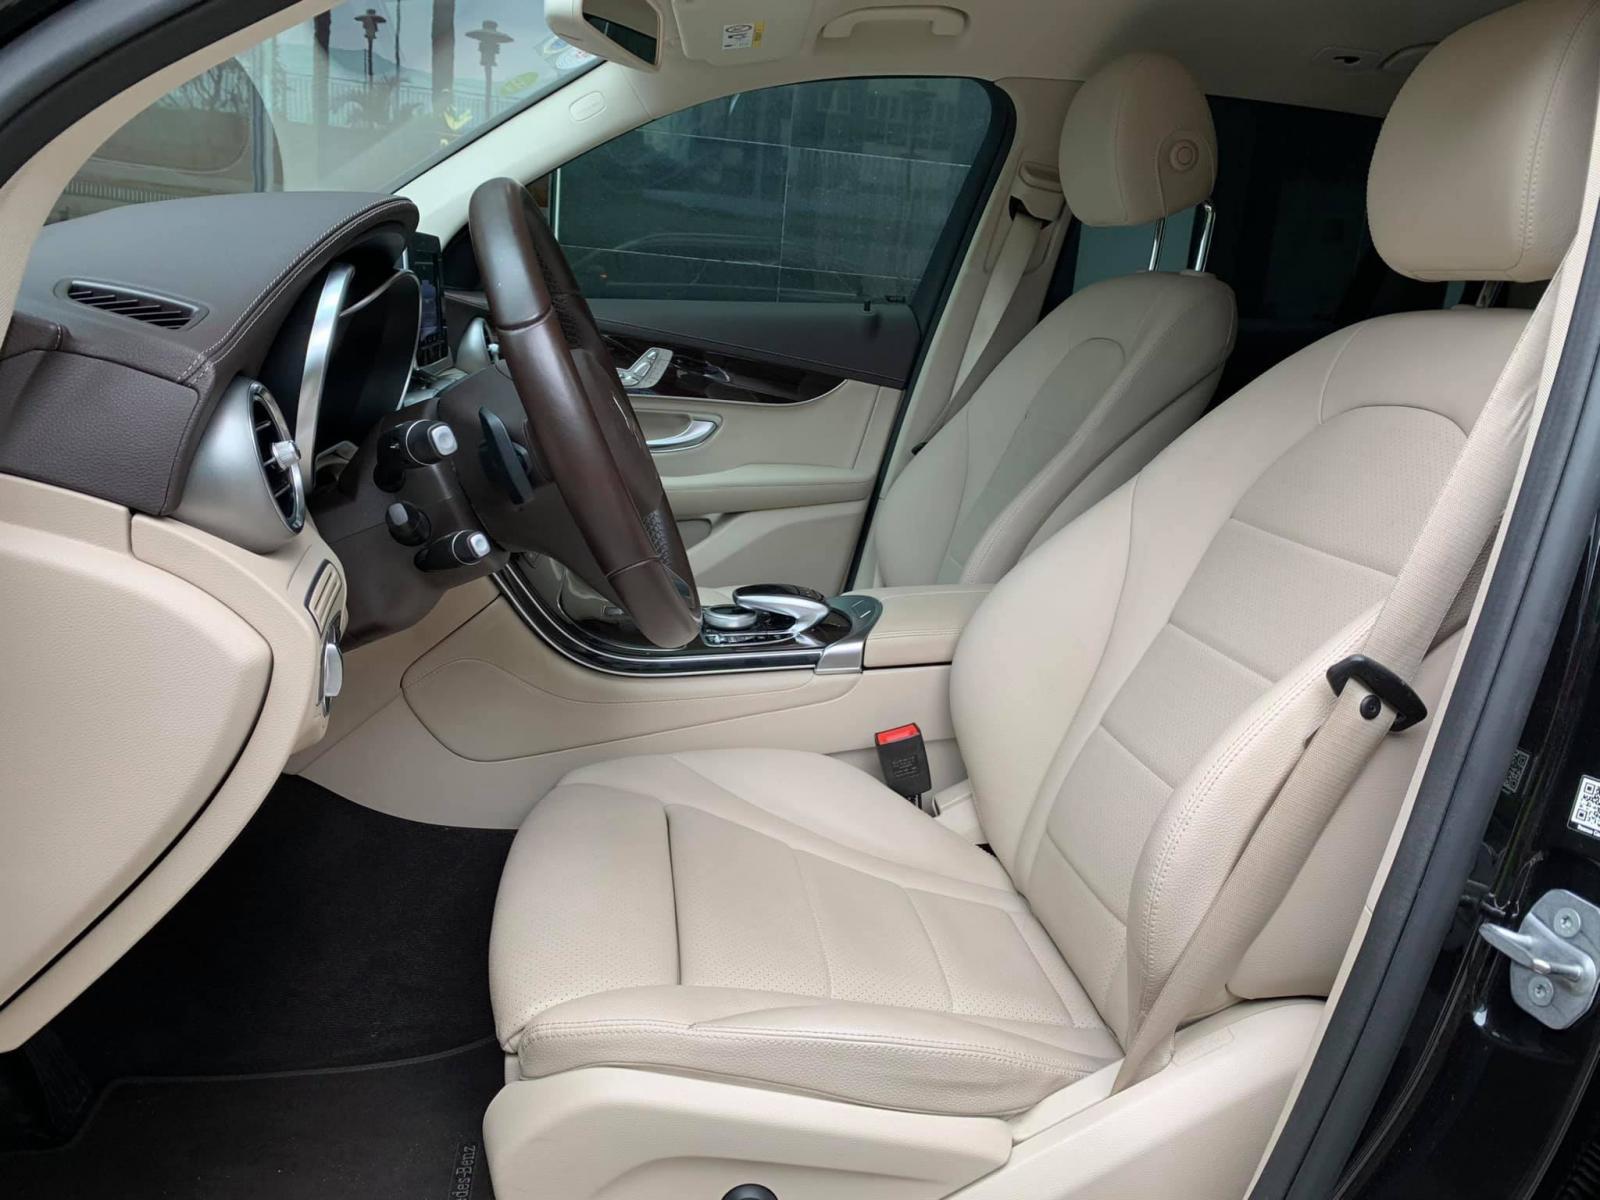 Cần bán xe Mercedes GLC200 đời 2019, màu đen